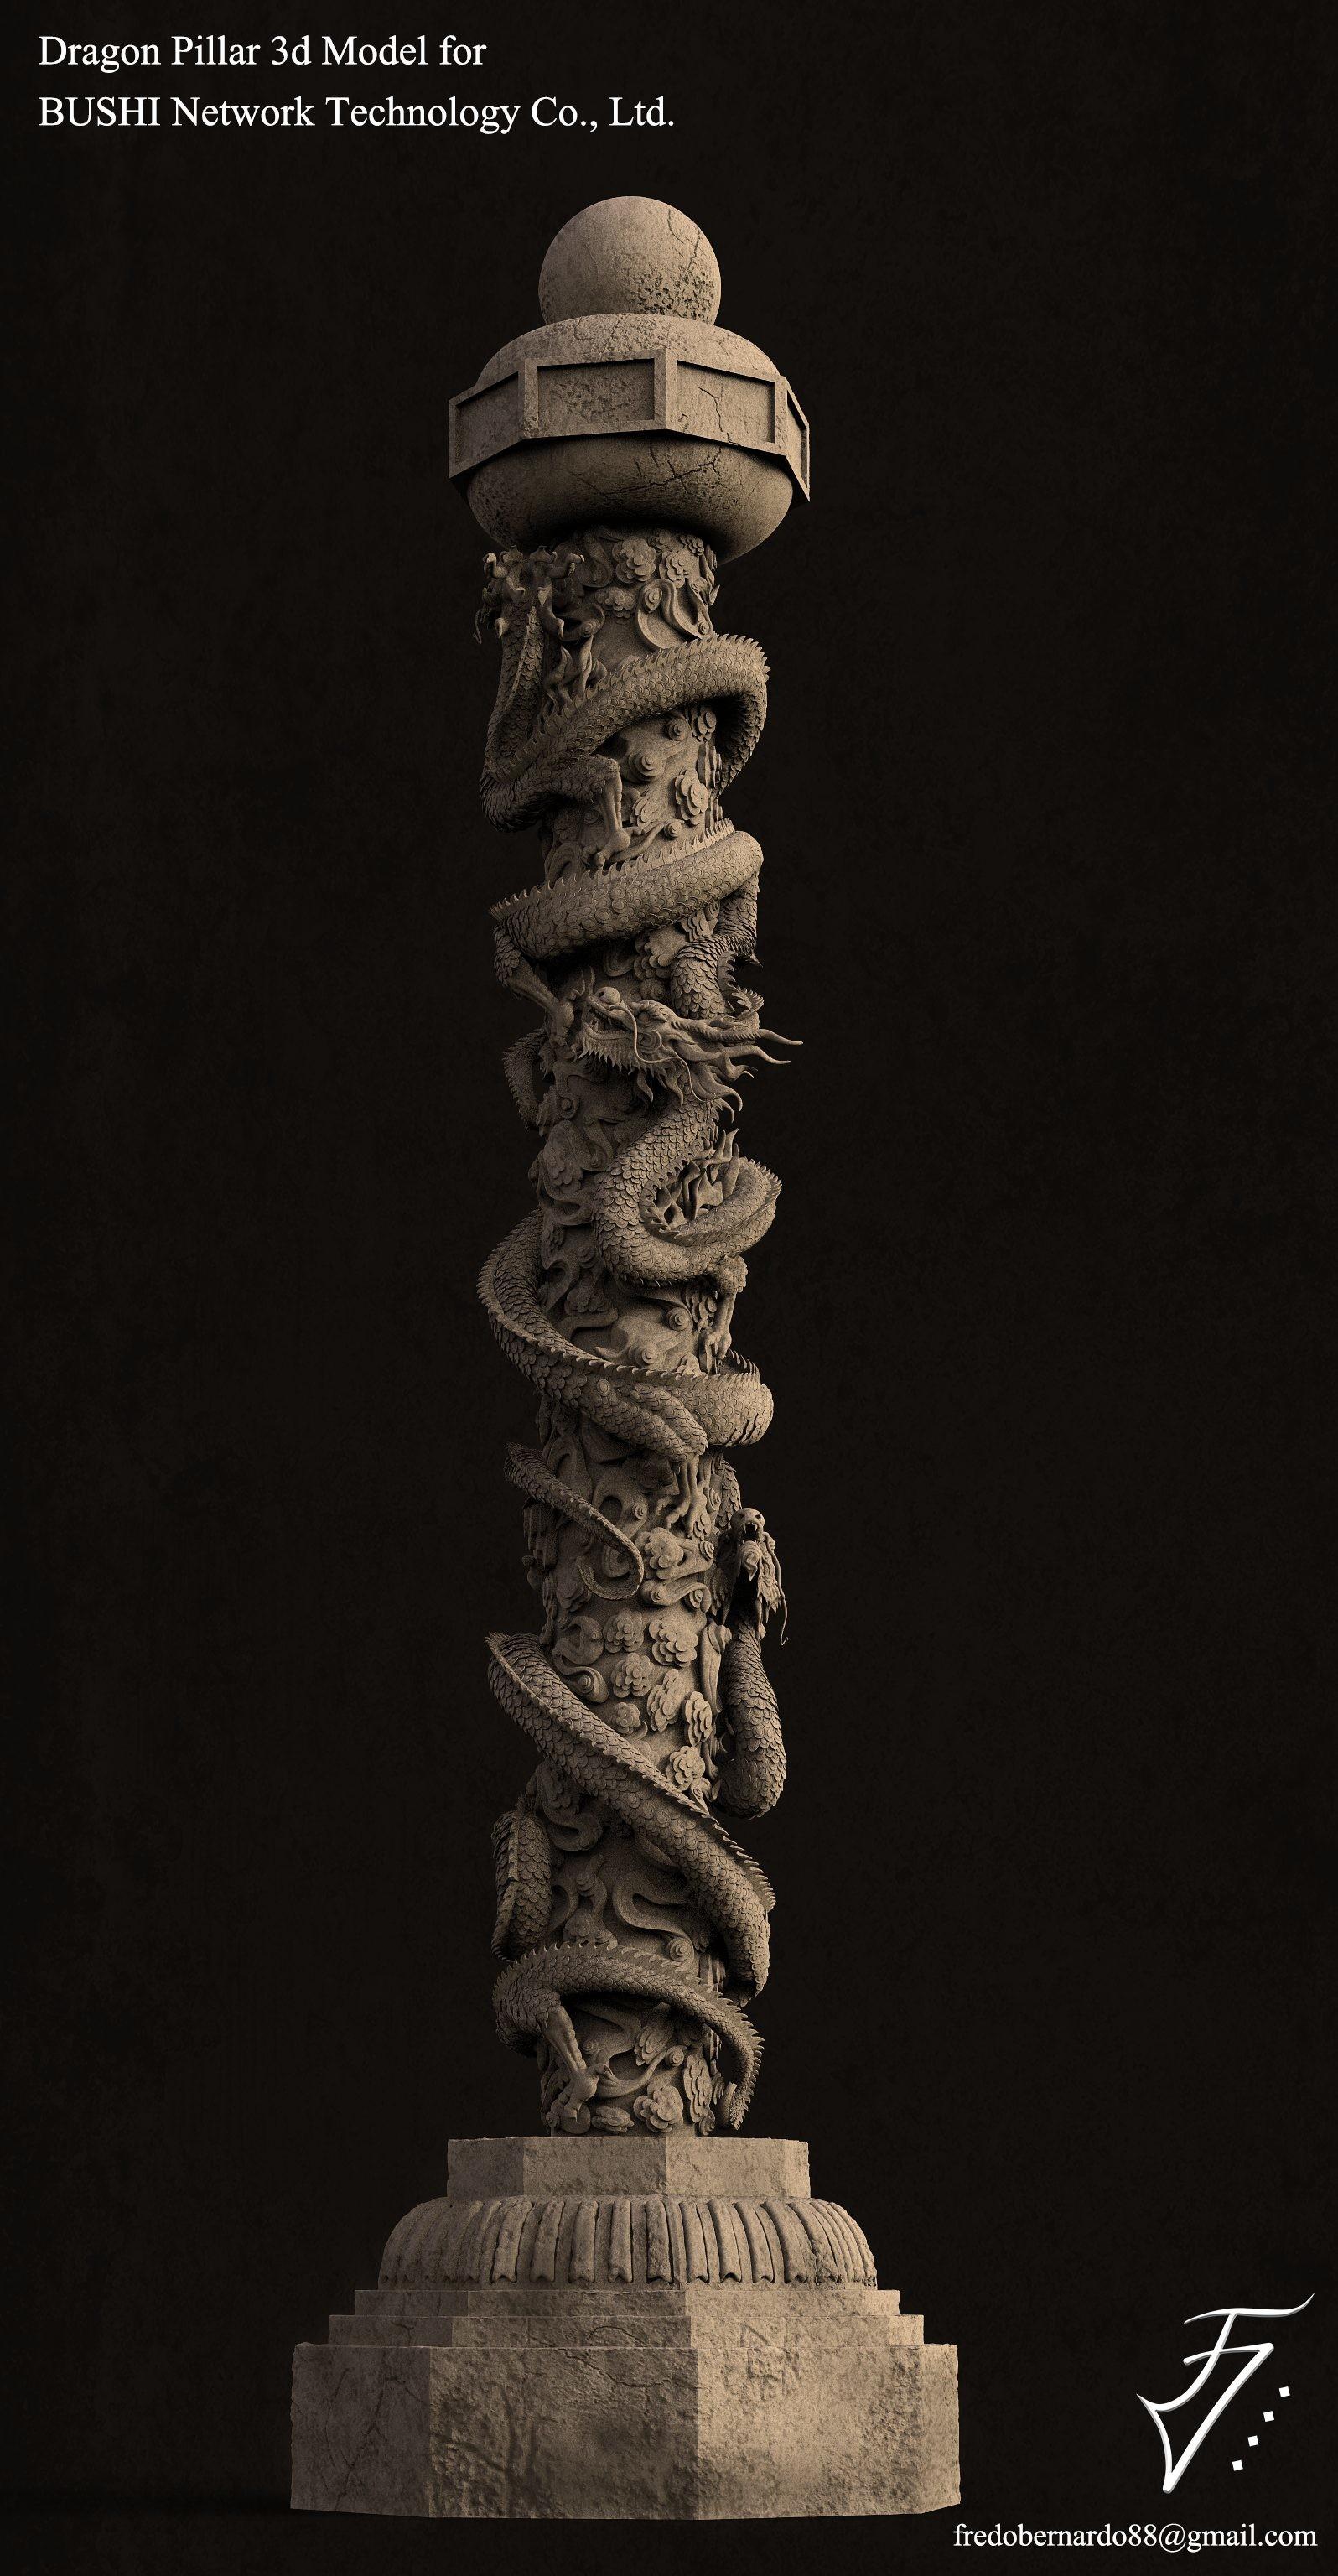 Fredo viktor dragonpillar02 fin